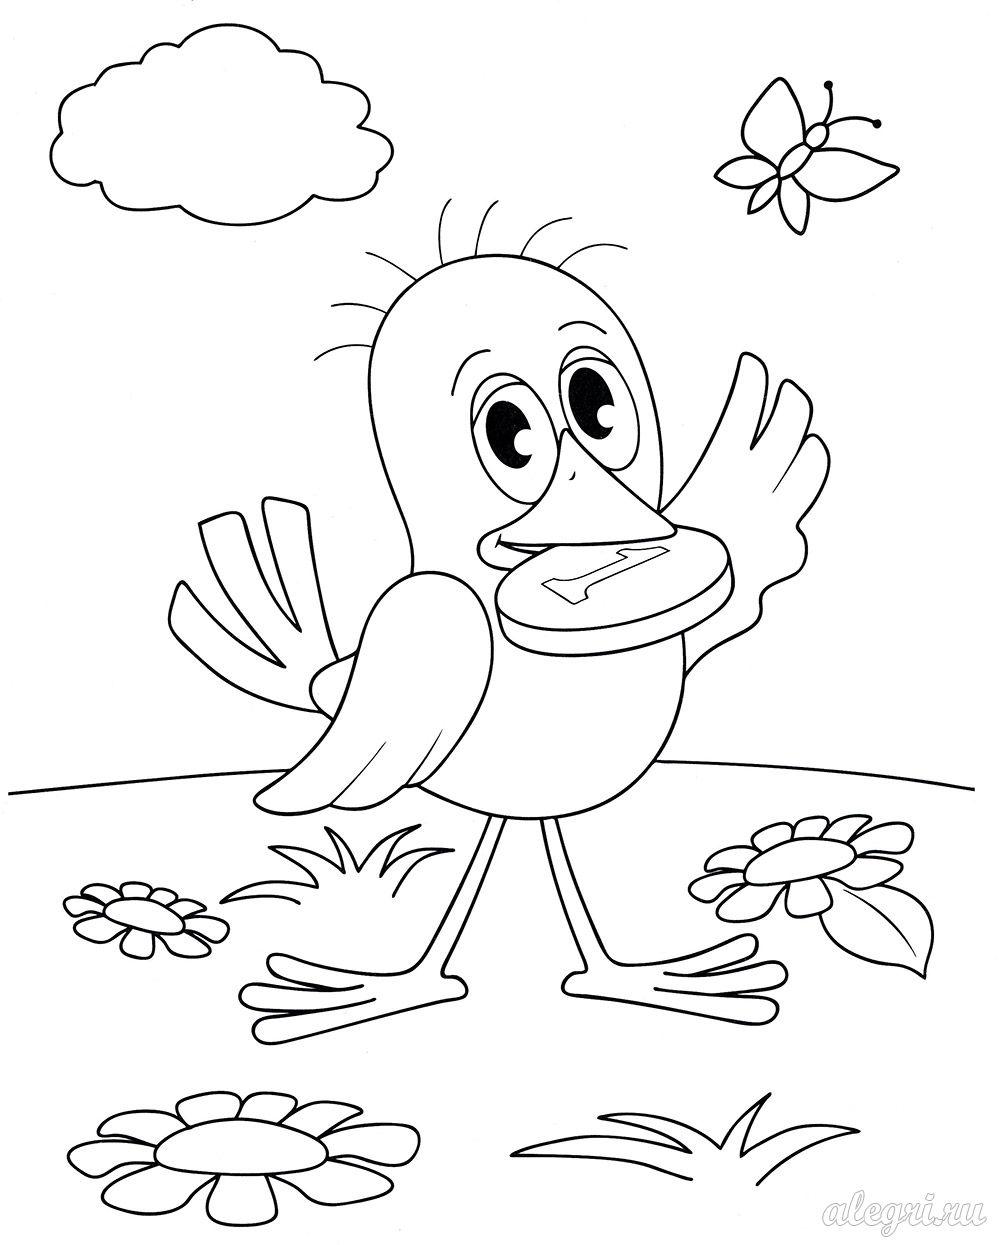 Галчонок. Раскраска для детей дошкольного возраста